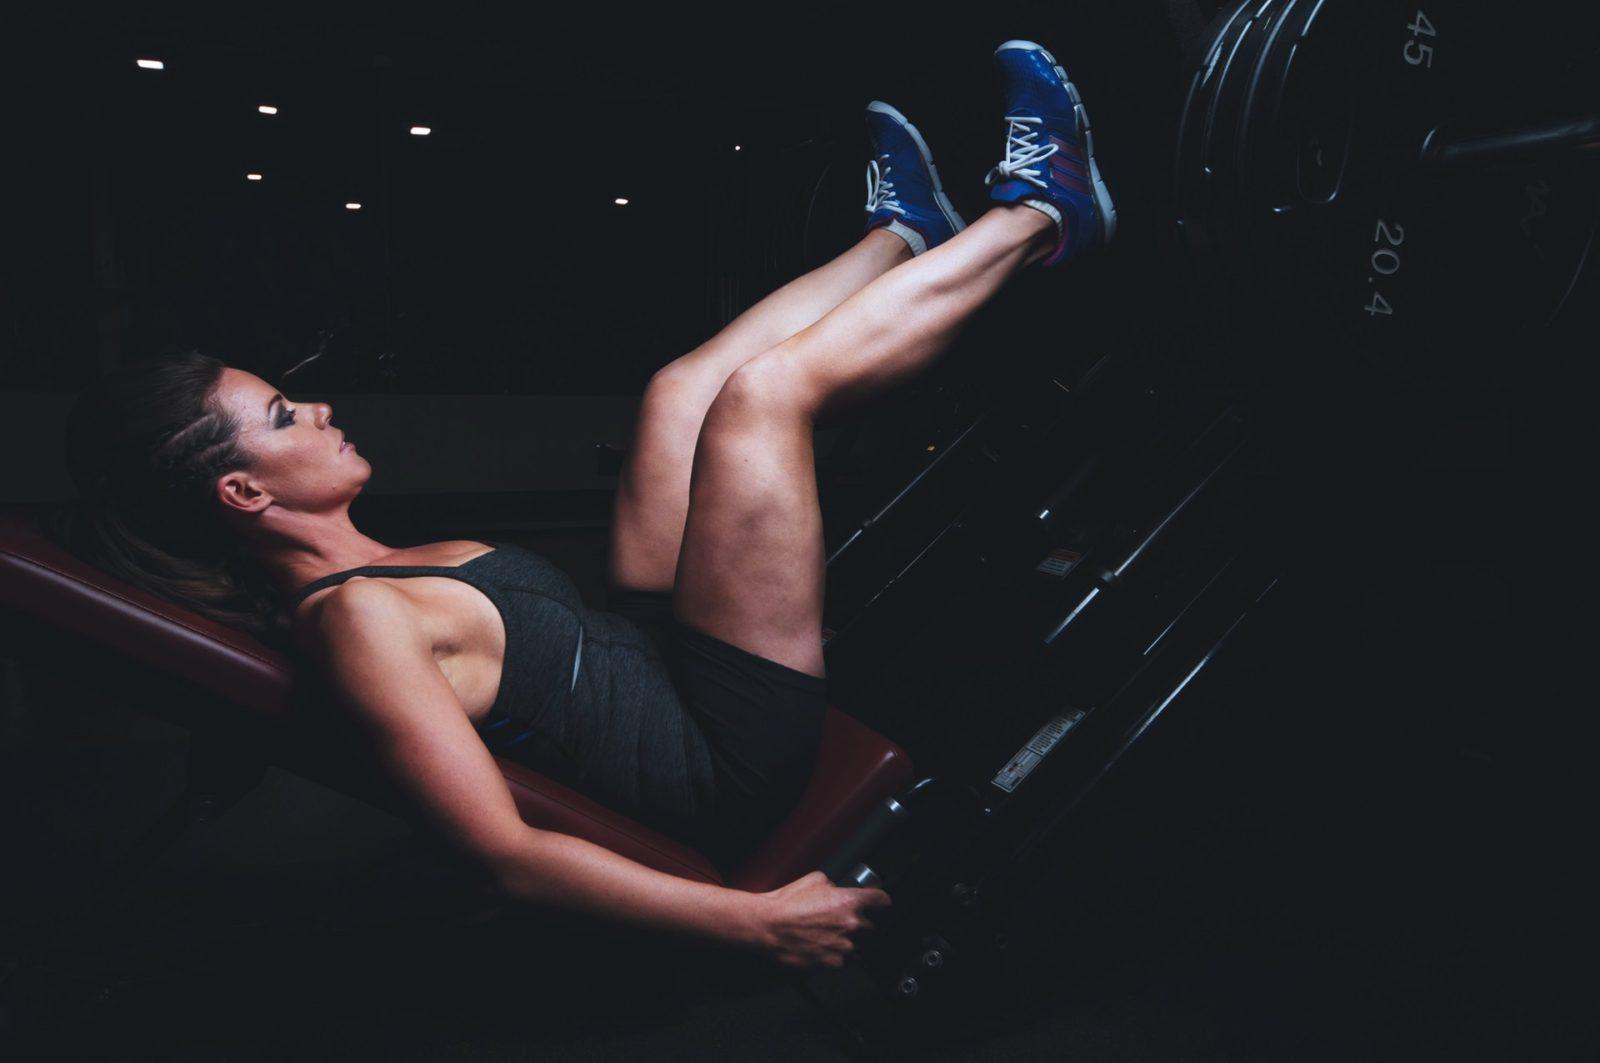 Эффективные упражнения для похудения ног и живота в домашних условиях